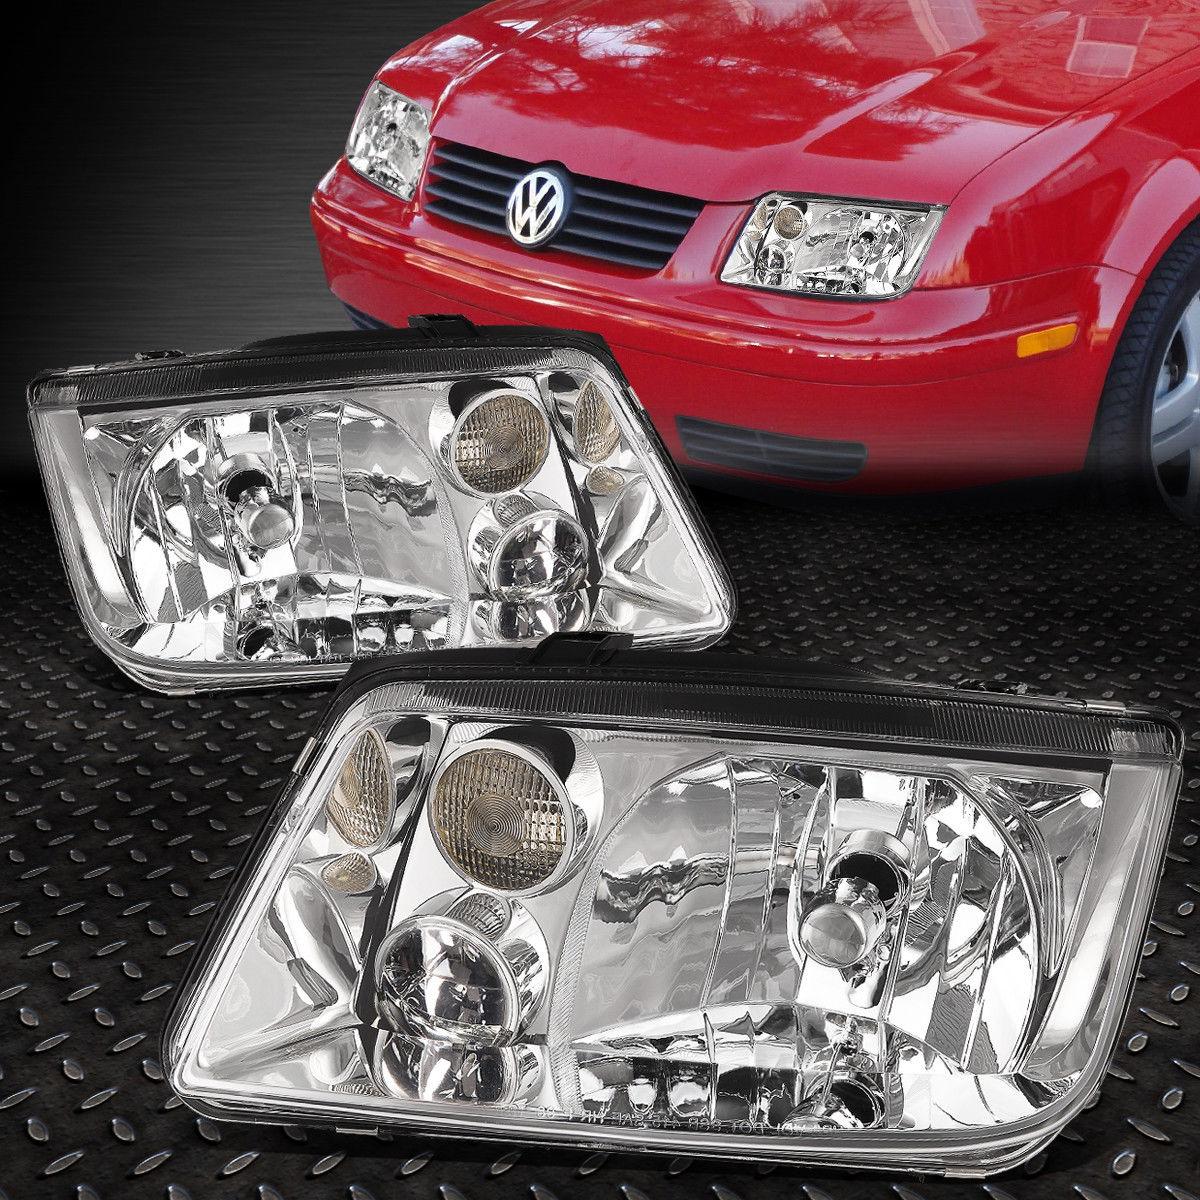 フォグライト FOR 1999-2005 VW JETTA W/O FOG LIGHT CHROME HOUSING CLEAR CORNER HEADLIGHT/LAMP 1999-2005 VW JETTA W / O FOGライトクロム住宅クリアーコーナーヘッドライト/ランプ